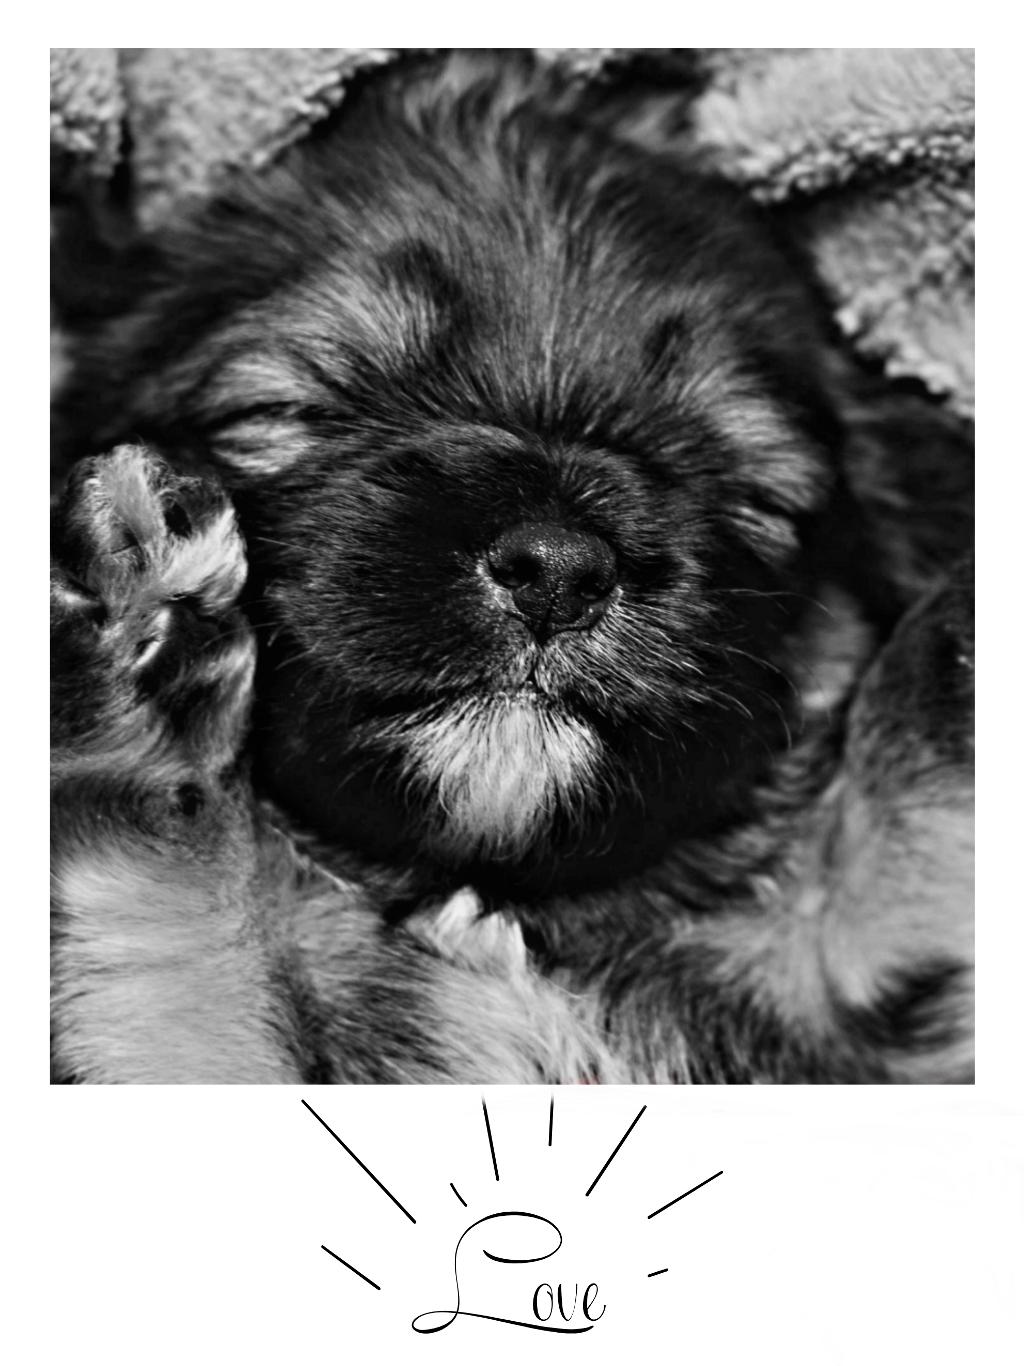 #freetoedit#blackandwhite#photo#photography#dog#animal#sweet#love#nice#lol#sweety#baby#friends#mrlb2000 @pa @freetoedit